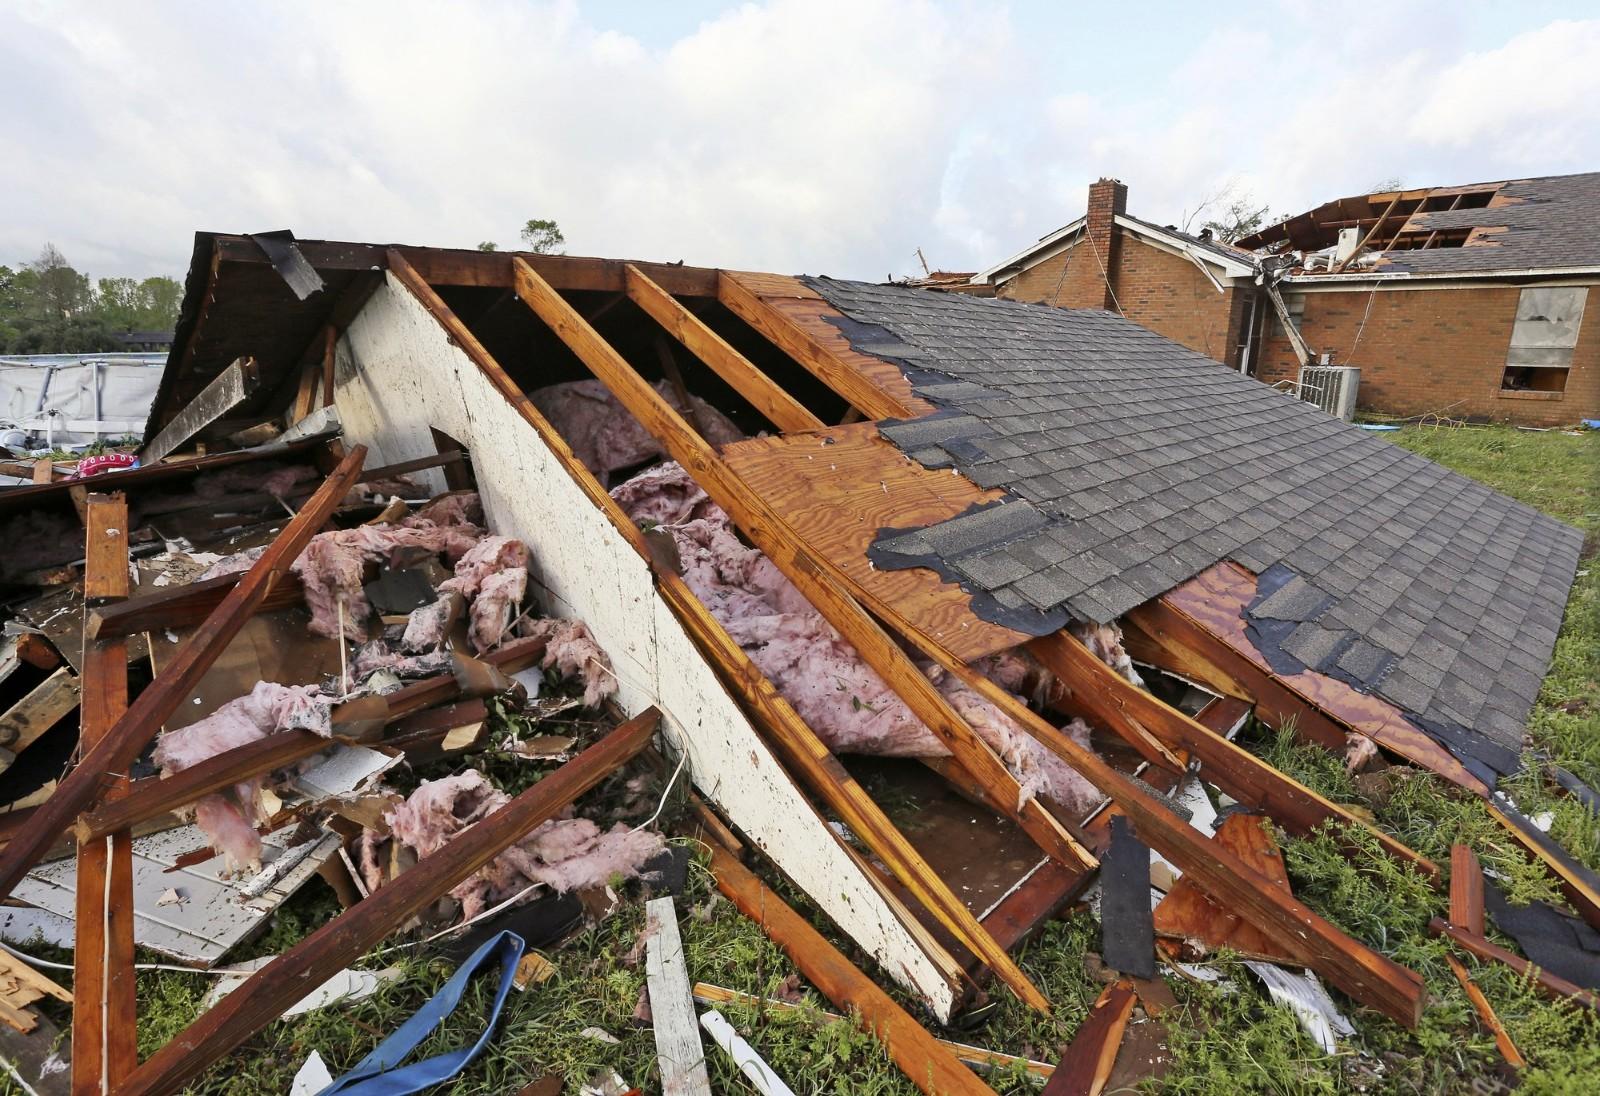 暴风雨继续肆虐南部多地,已致8人死亡,十多万户断电_图1-4